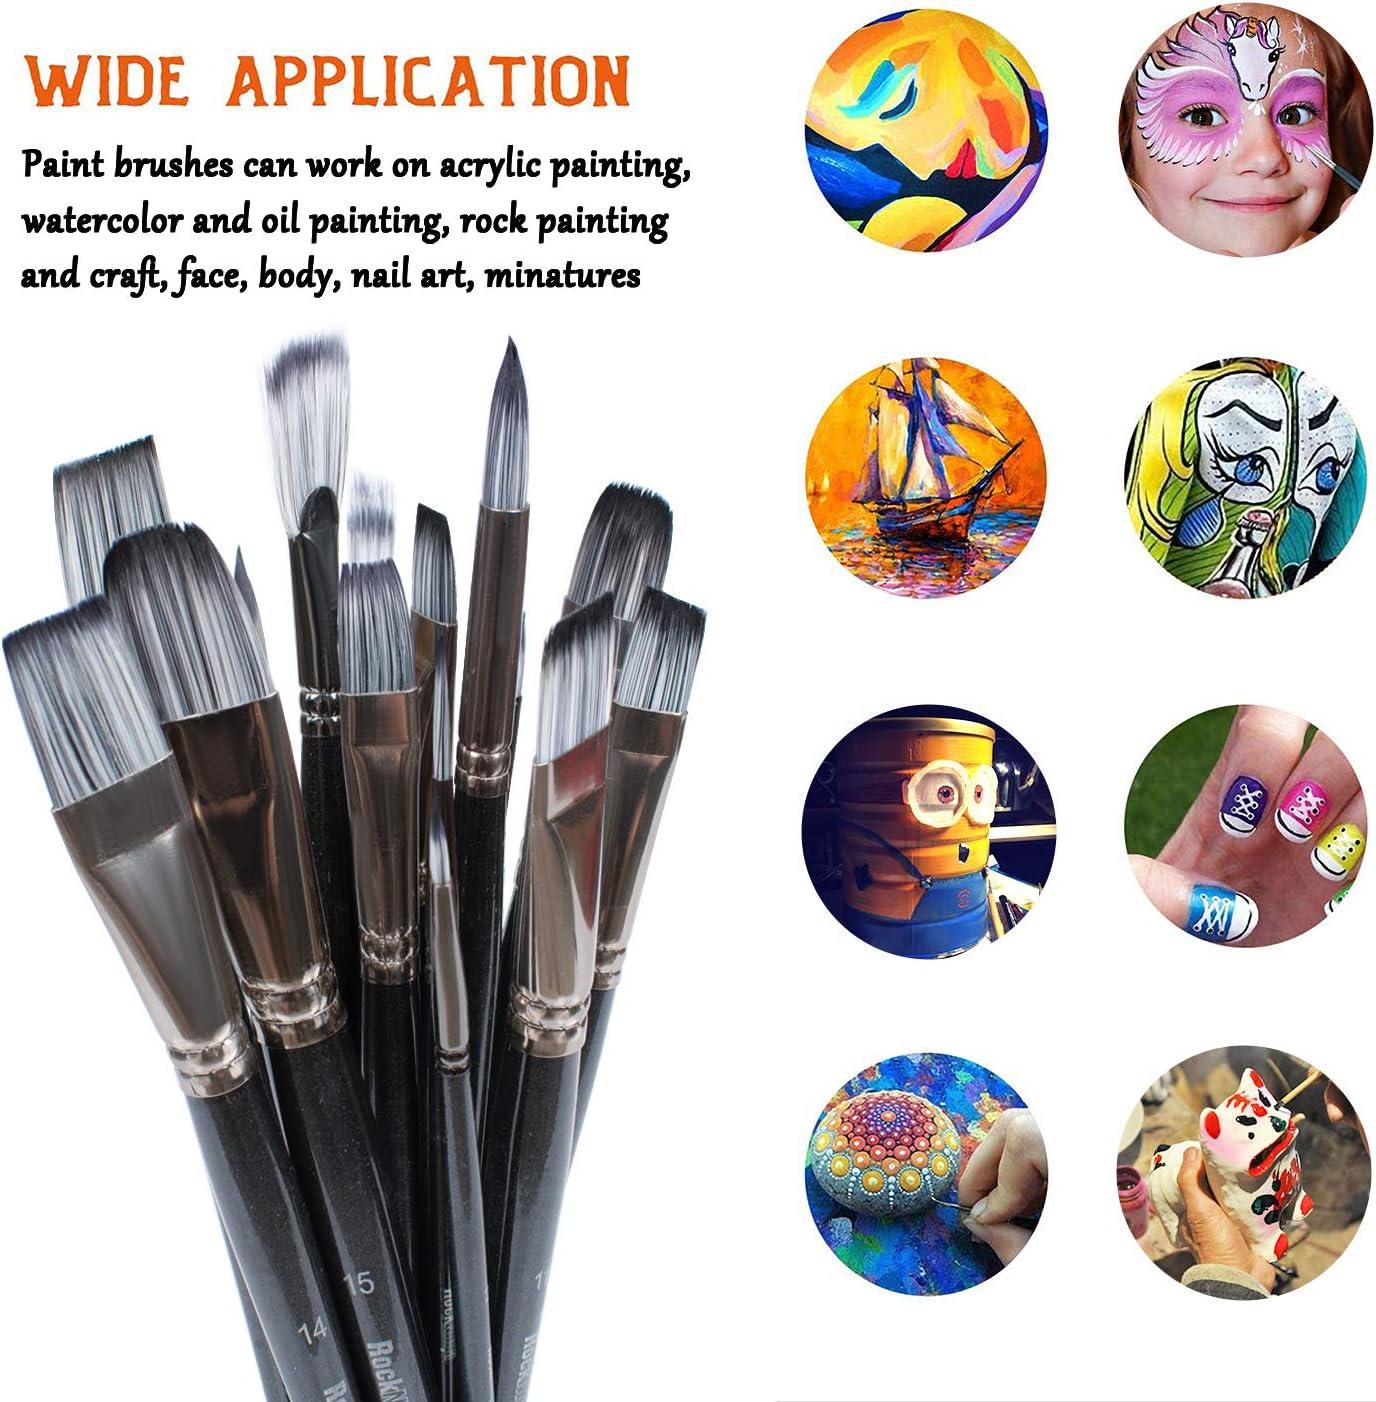 Huile Rock Ninja 15Pcs Artiste Pinceaux de Peinture Comprend Une Housse de Transport Amovible avec,pour Acrylique Aquarelle Gouache